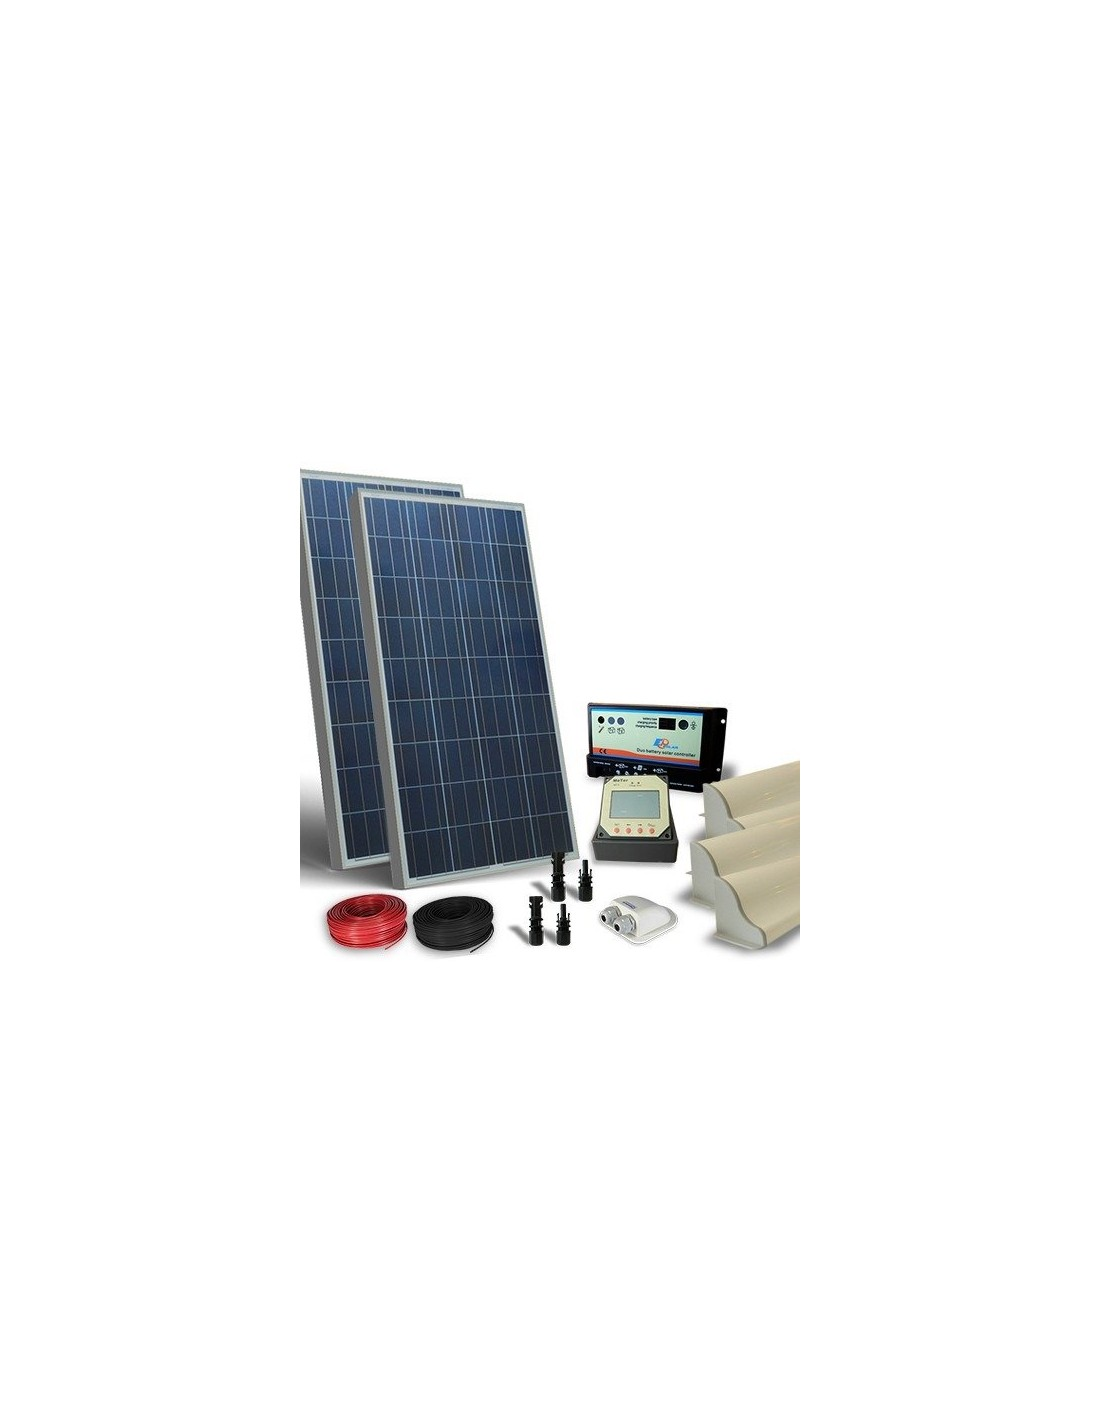 Regolatore Pannello Solare Artinya : Kit solare camper w v pro pannello fotovoltaico